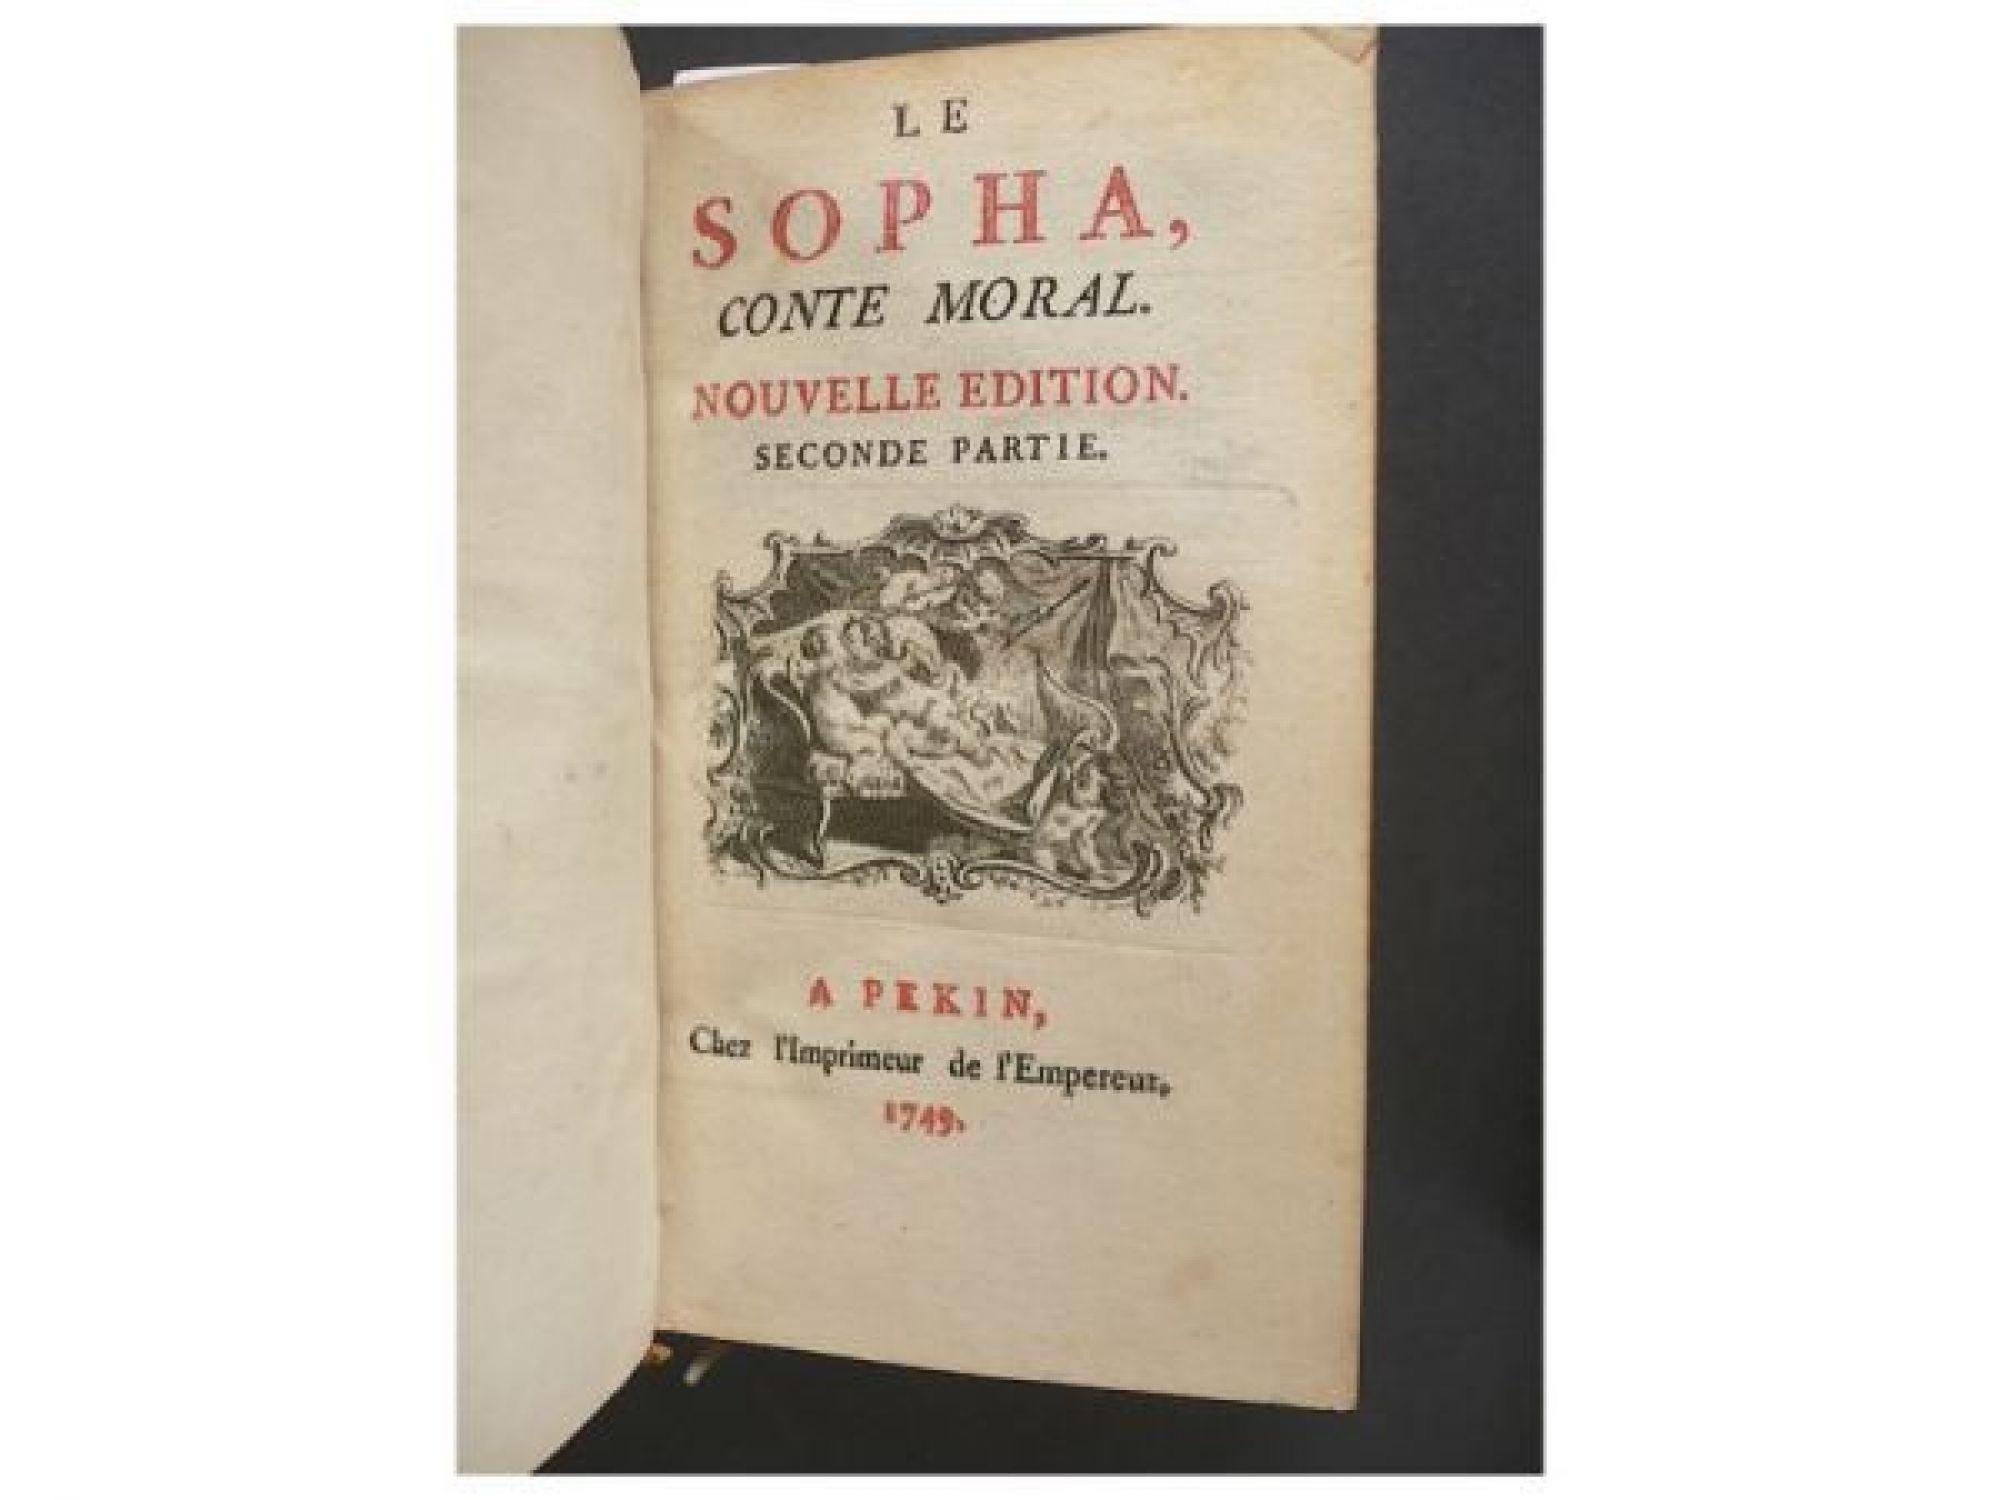 Edition Fils dit crebillon fils le sopha conte moral edition originale com